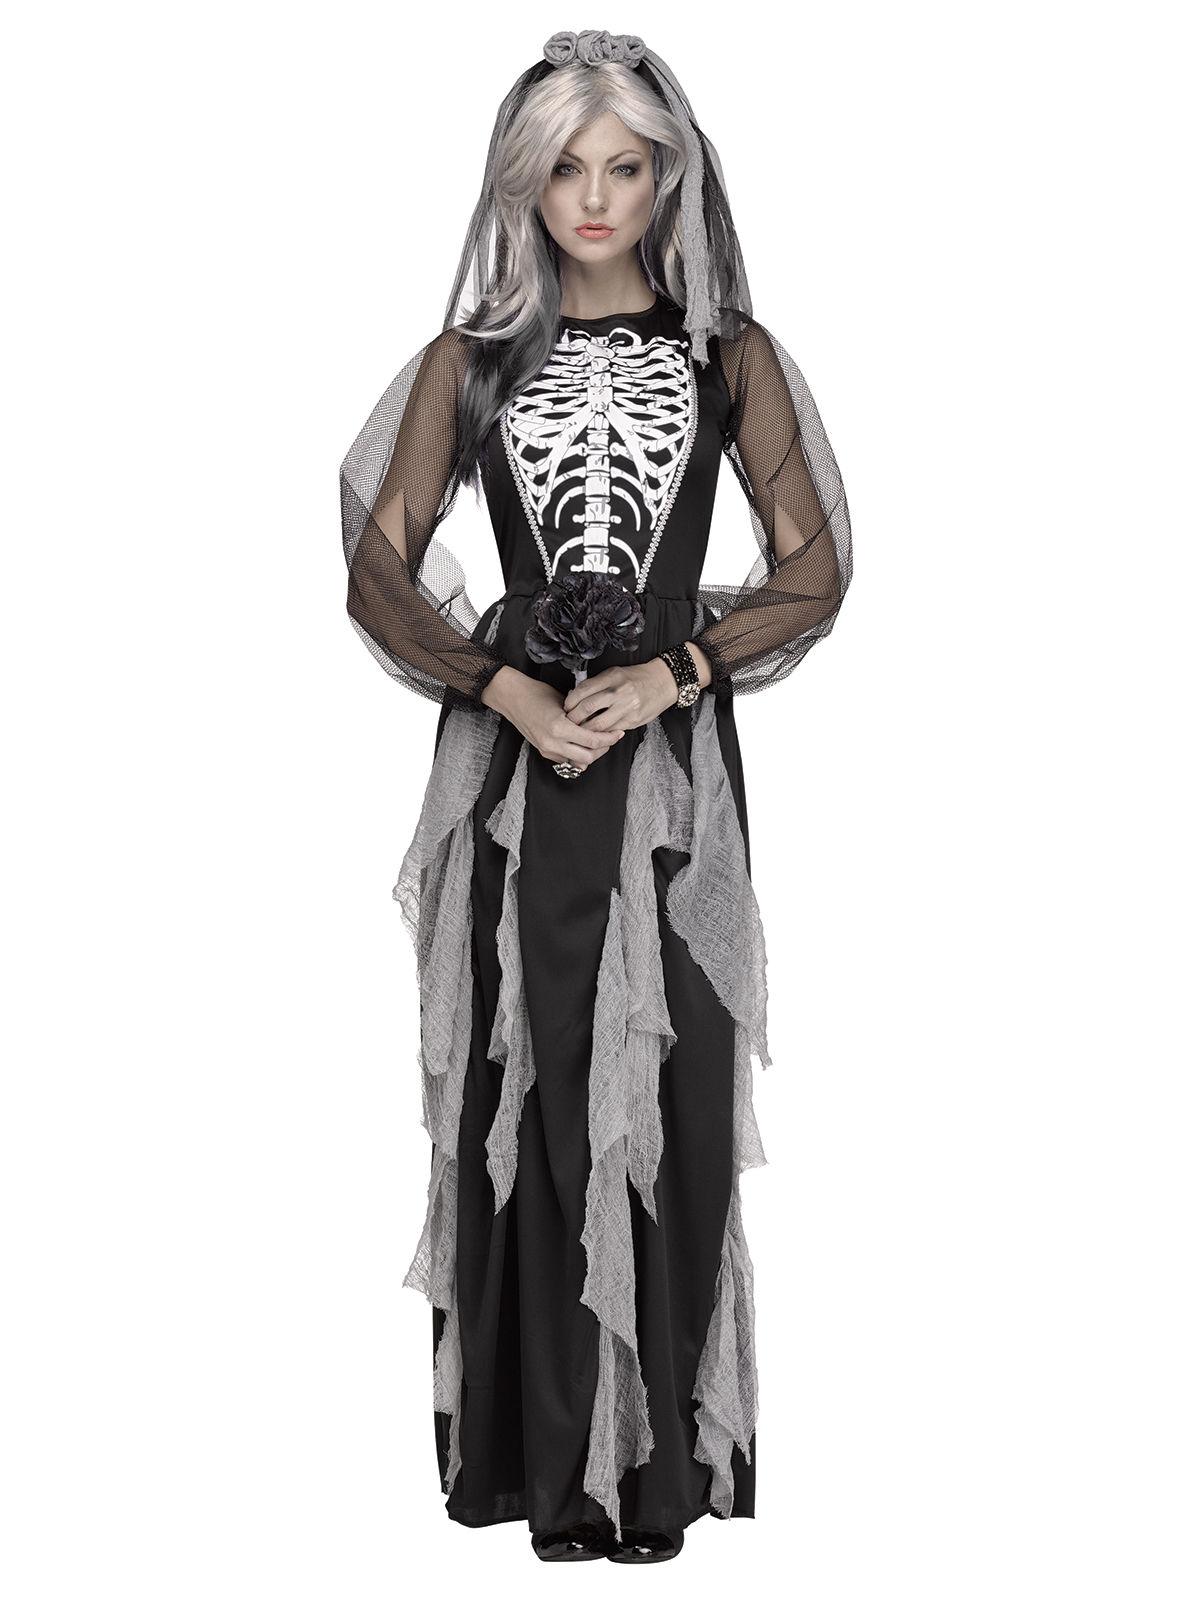 cd2cac415e61 Costume da sposa cadavere per donna Halloween  Costumi adulti